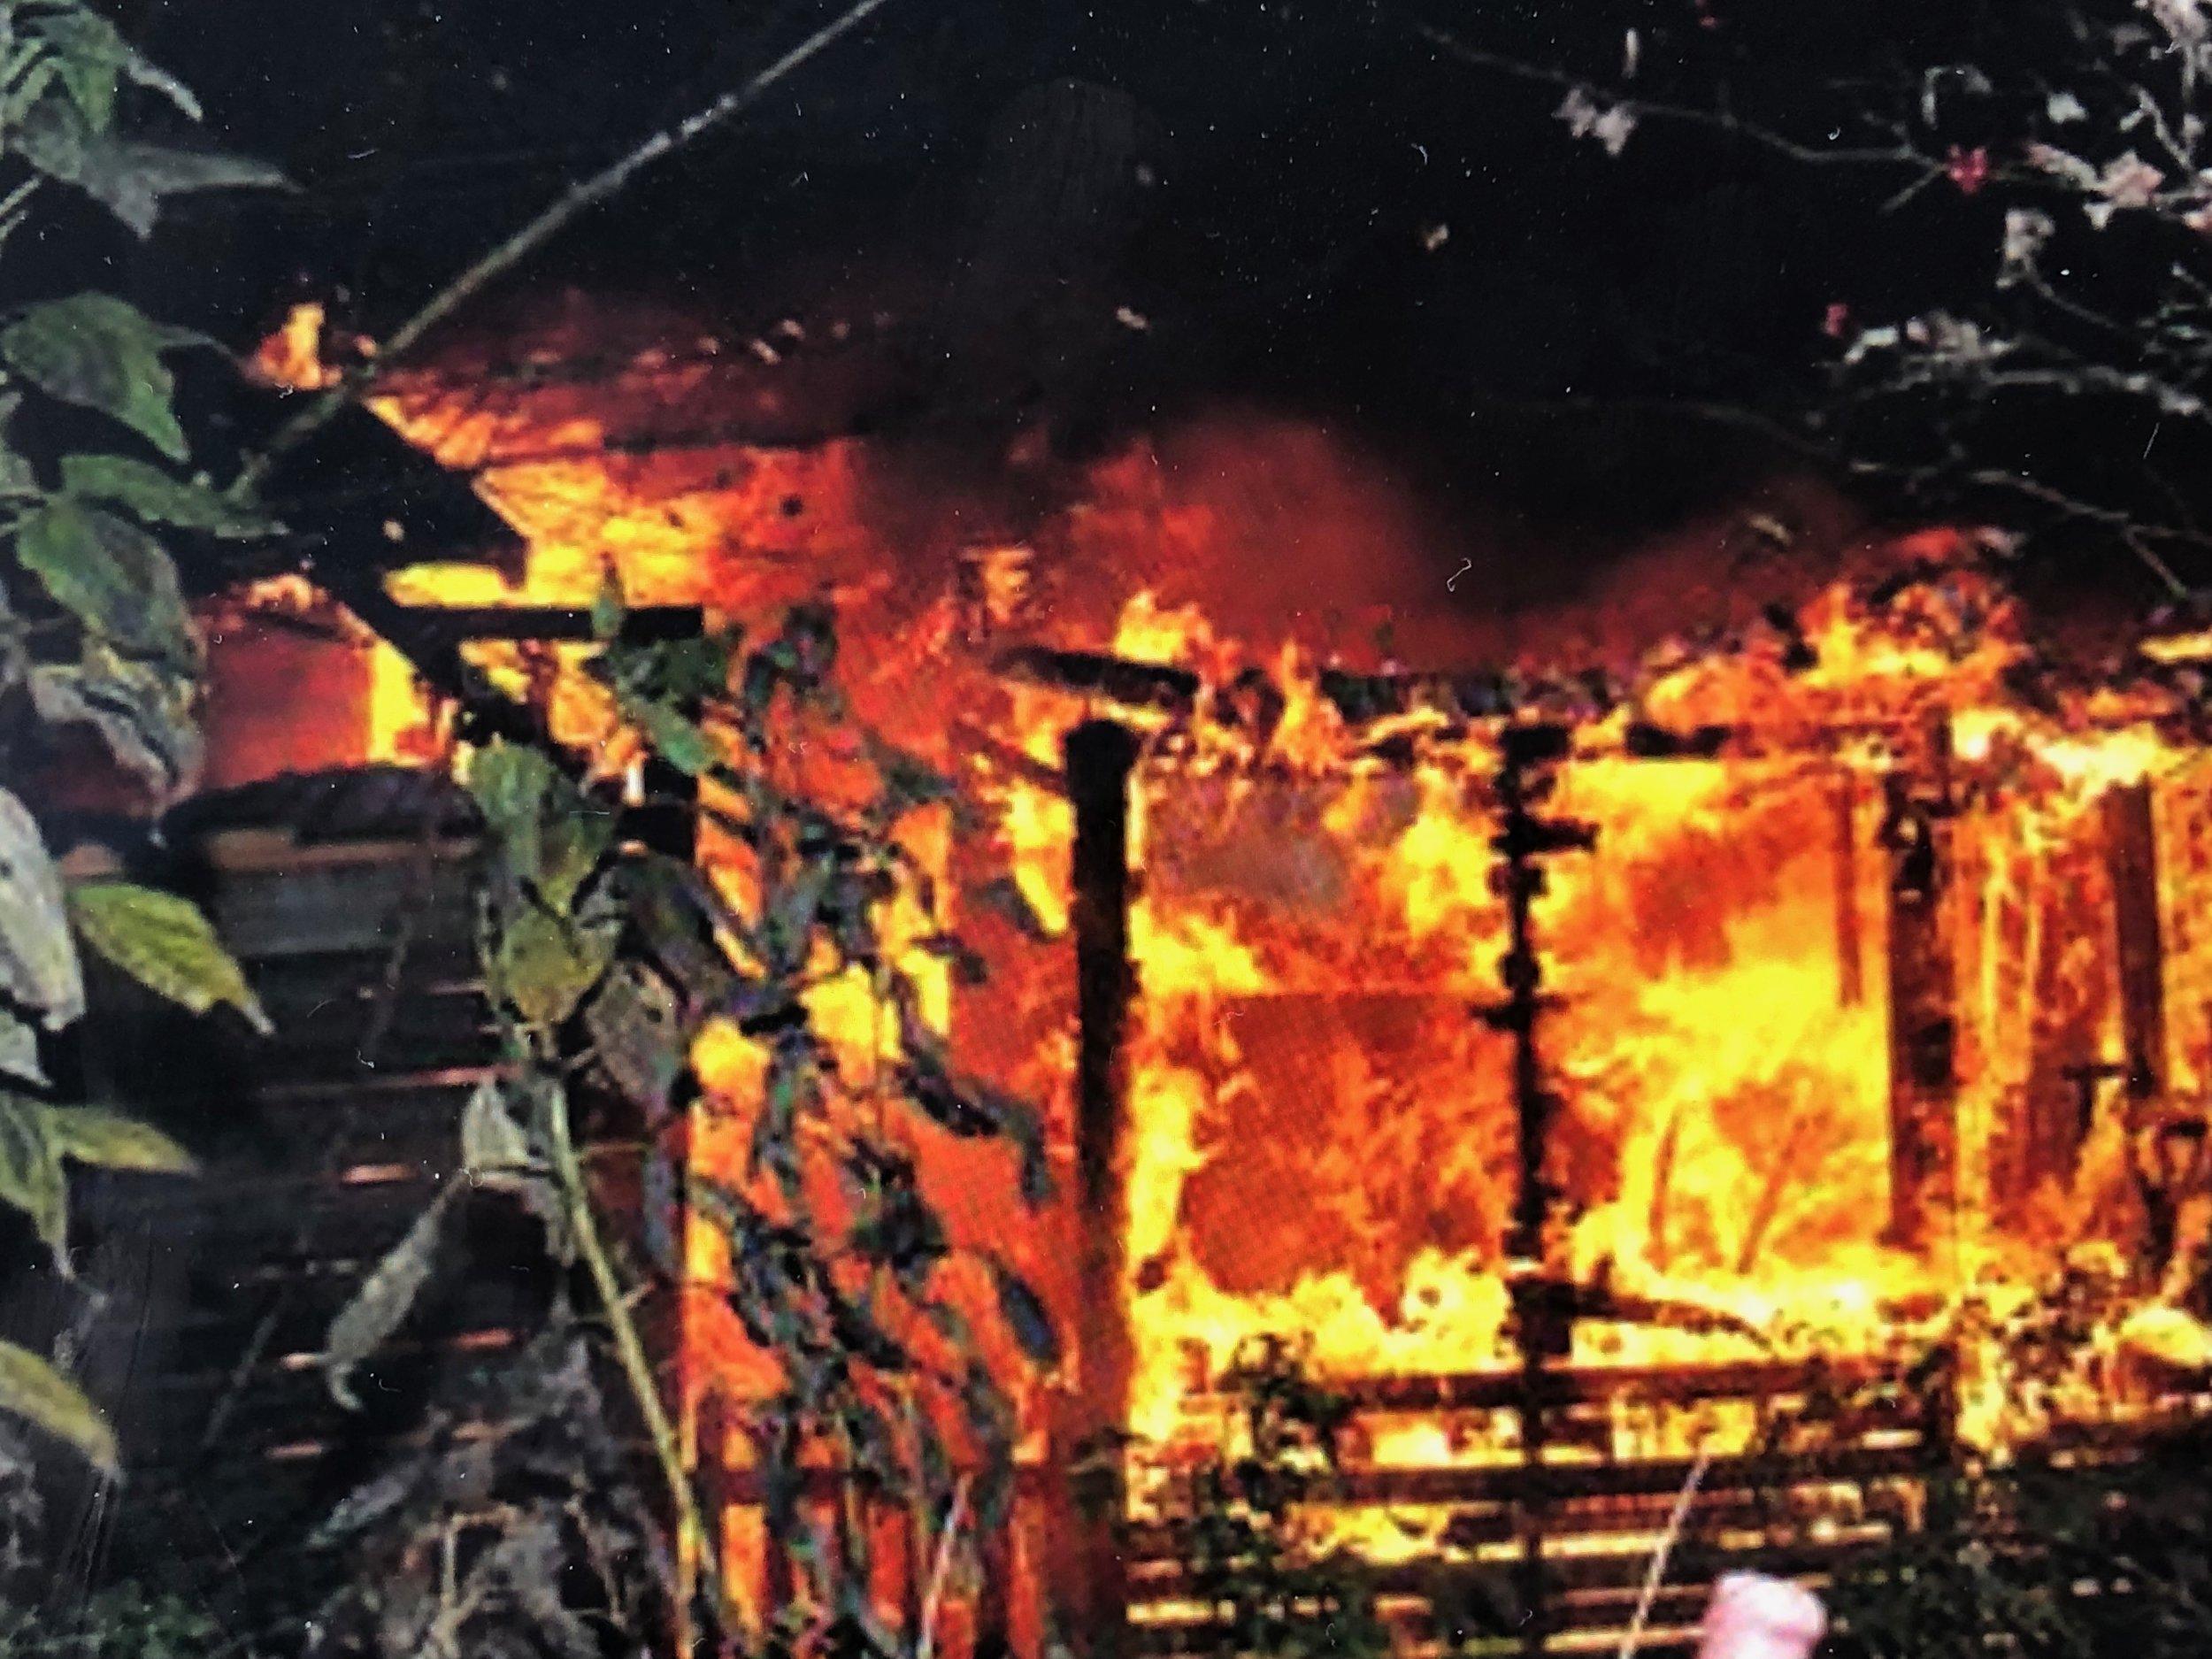 Det lykkedes naboerne at slukke ilden. Temafoto